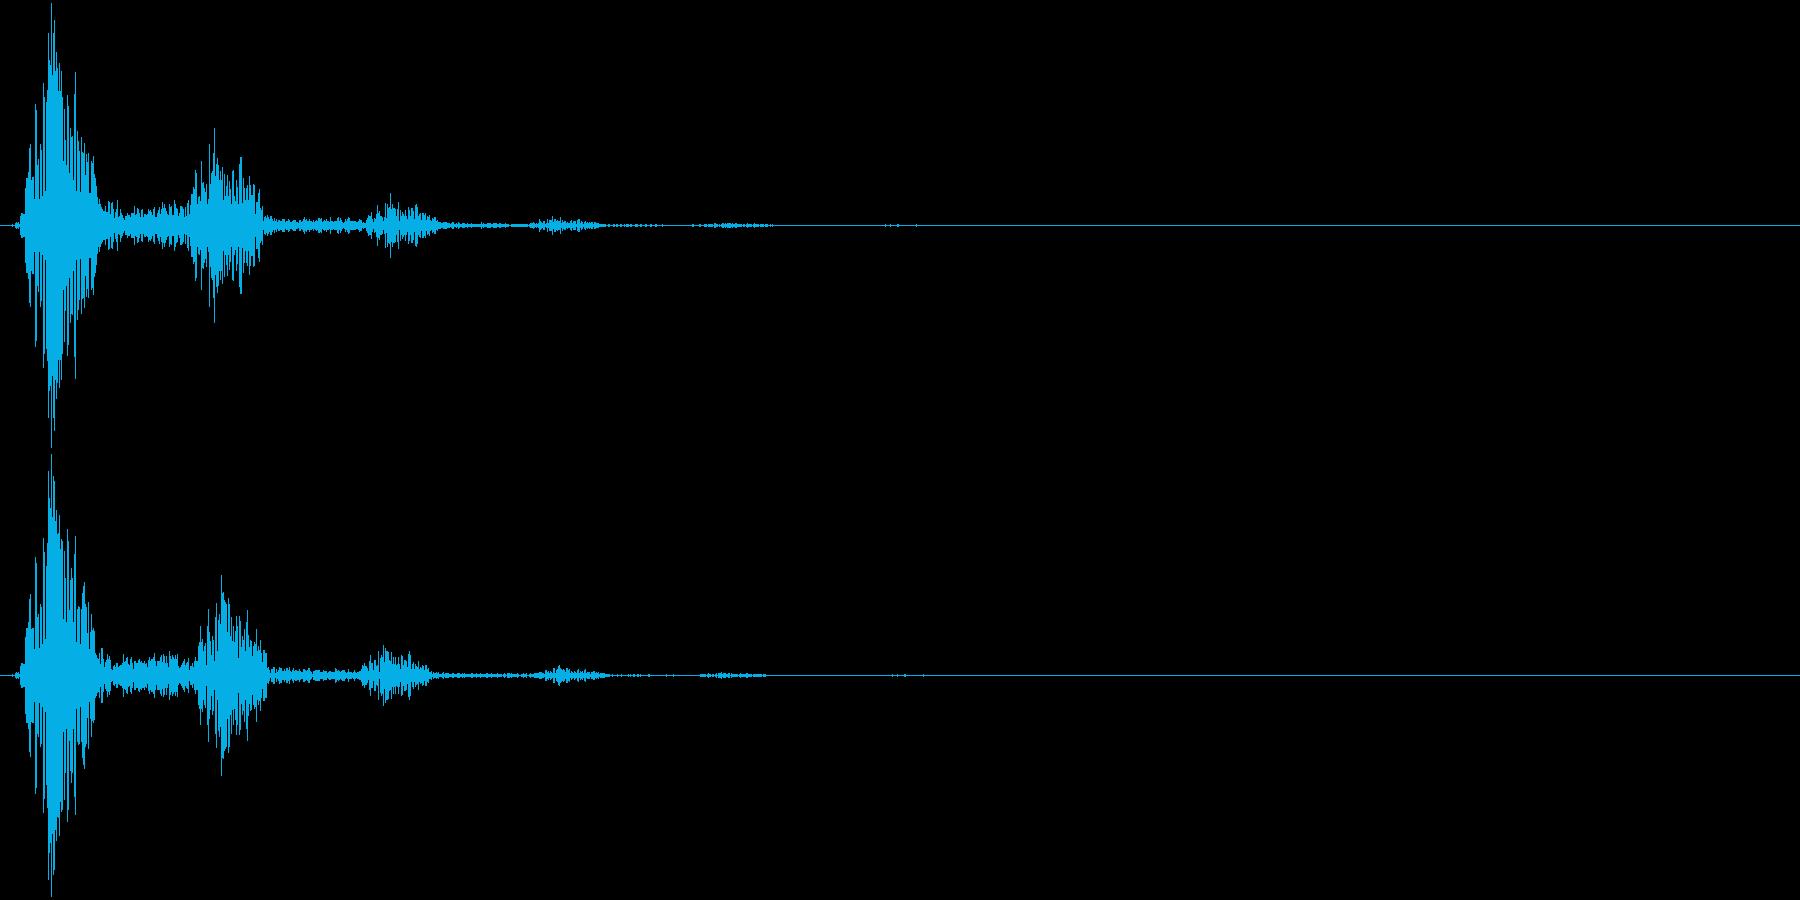 KAKUGE 格闘ゲーム戦闘音 47の再生済みの波形